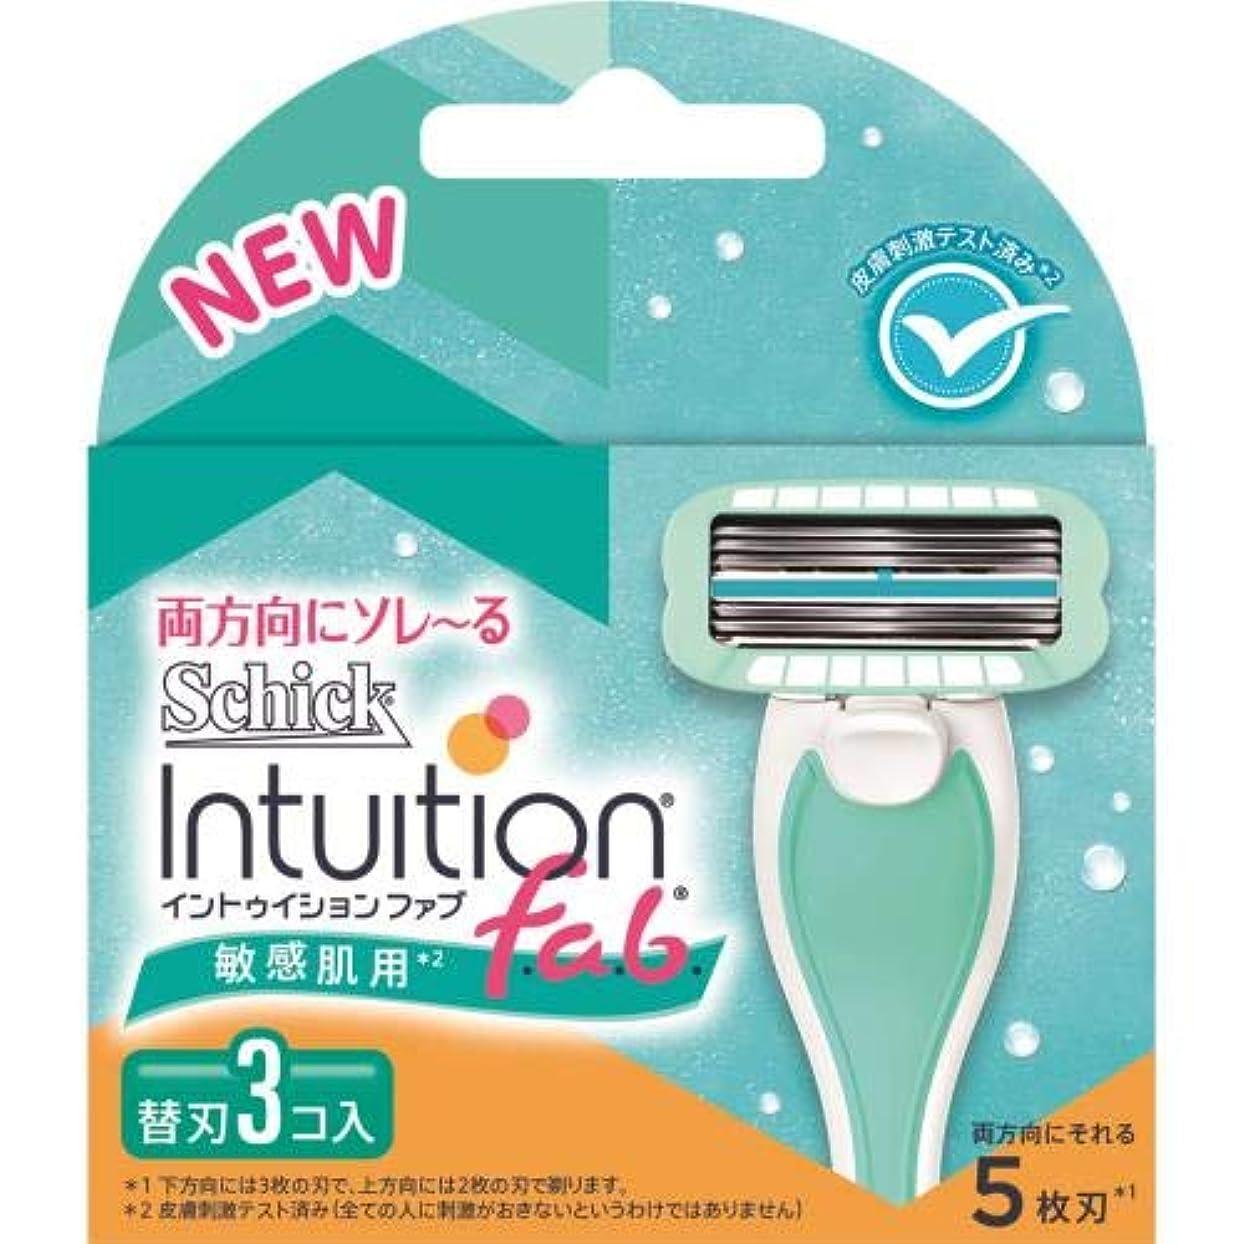 適応するを通して差別的シック?ジャパン イントゥイション ファブ 替刃 敏感肌用 (3個入) 女性用カミソリ 4個セット